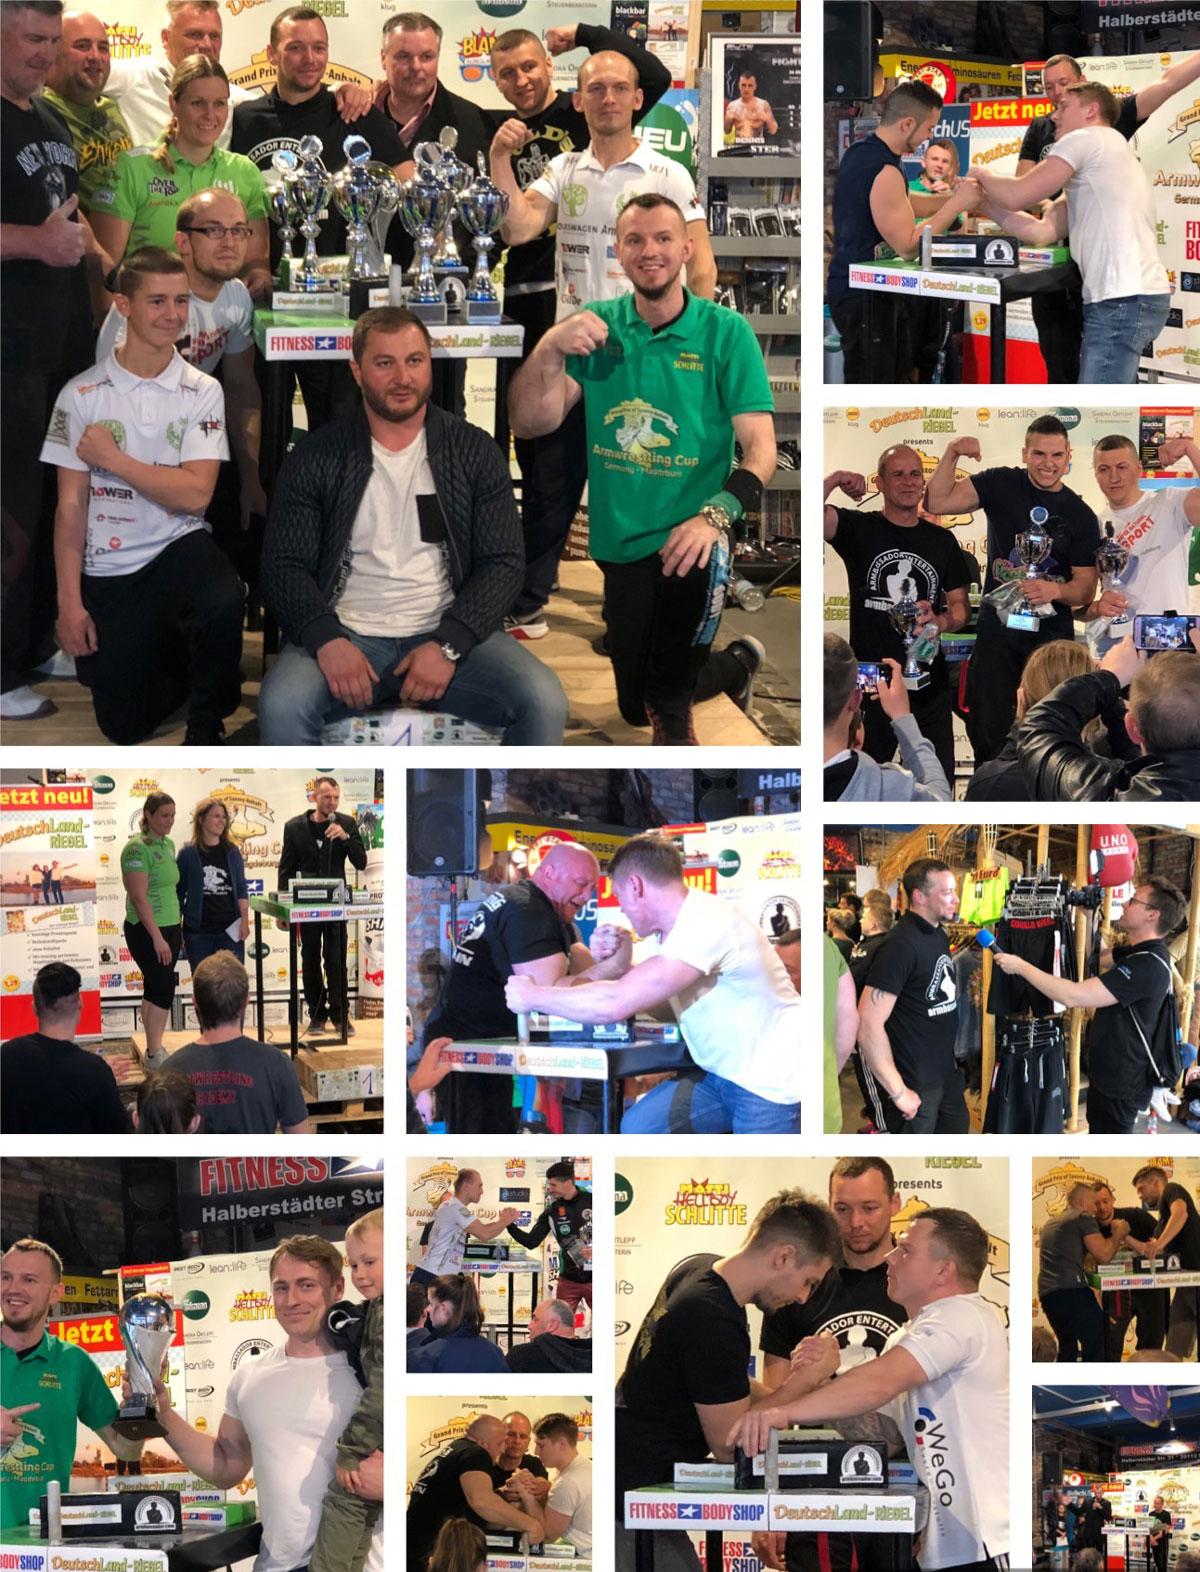 Armwrestling Cup Germany, Fotos, Collage, Bilder, Armdrücken, Wettkampf, Turnier, Deutschland, Magdeburg, 2019